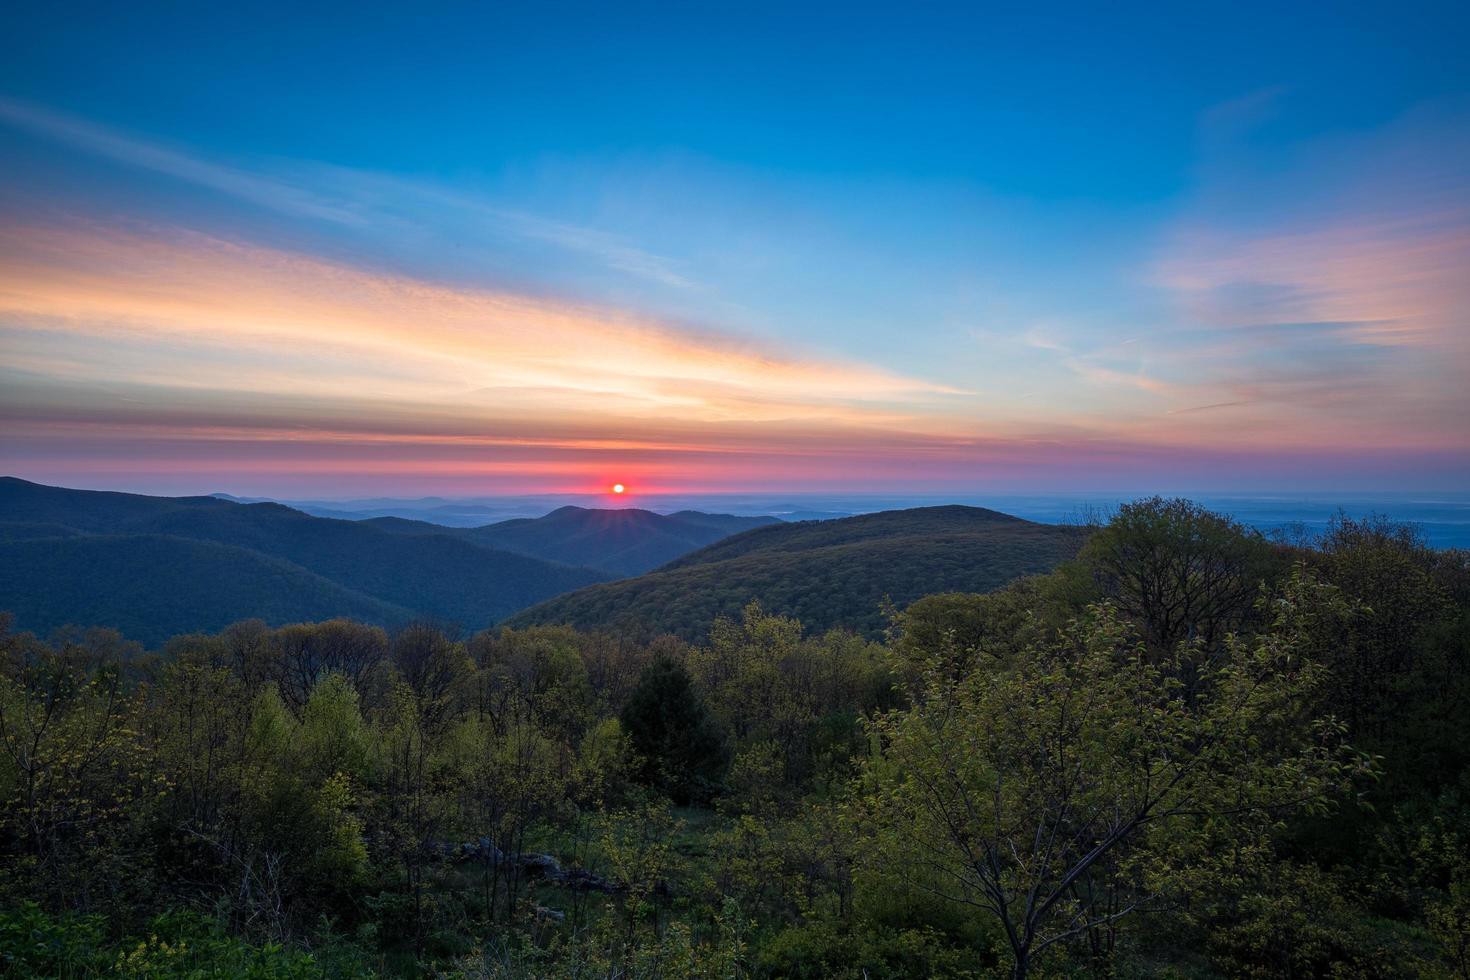 soluppgång på shenandoah nationalpark foto